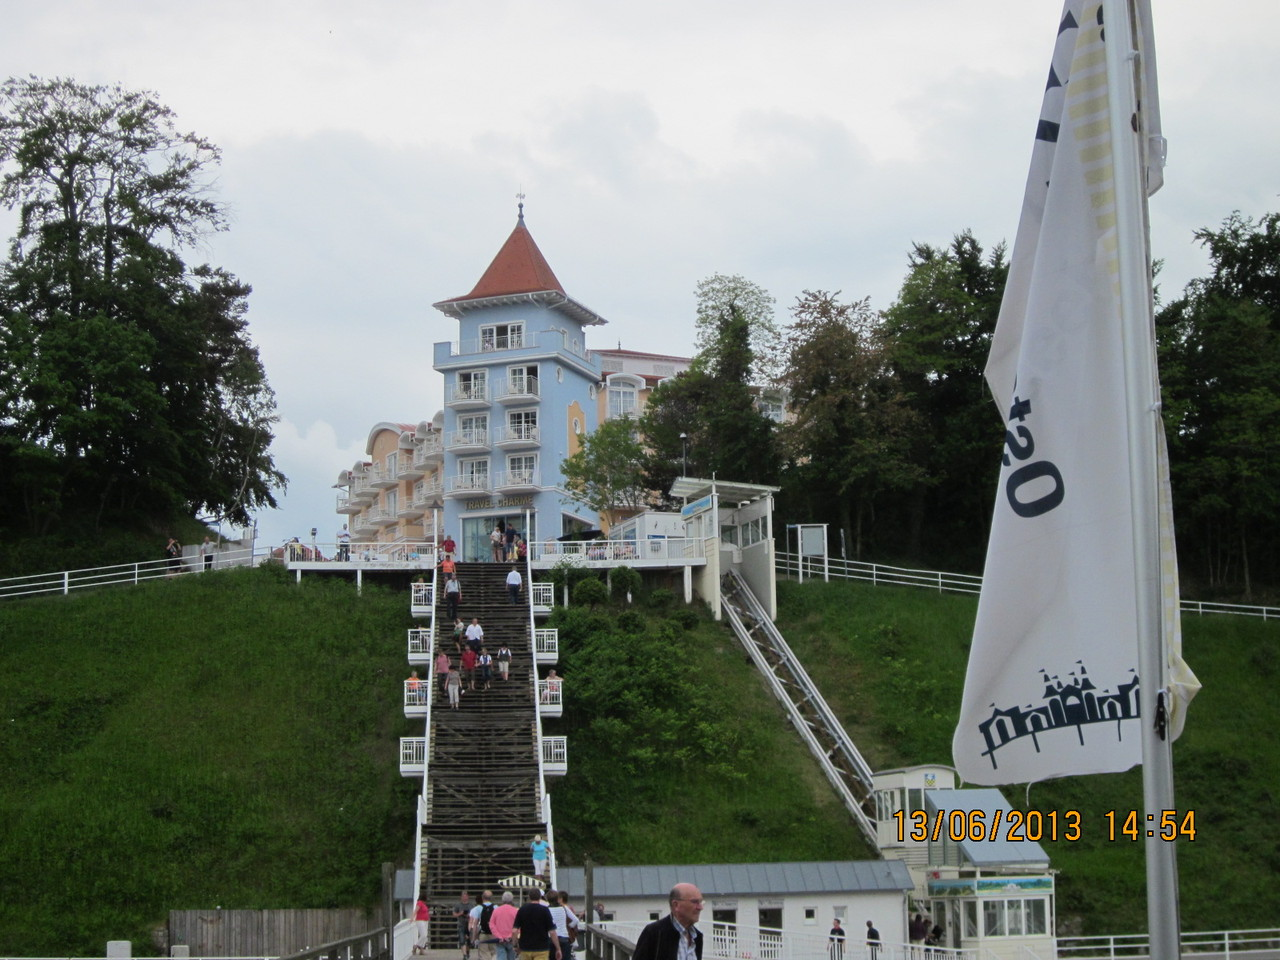 die steile Treppe hinauf zur 30 m hohen Steilküste